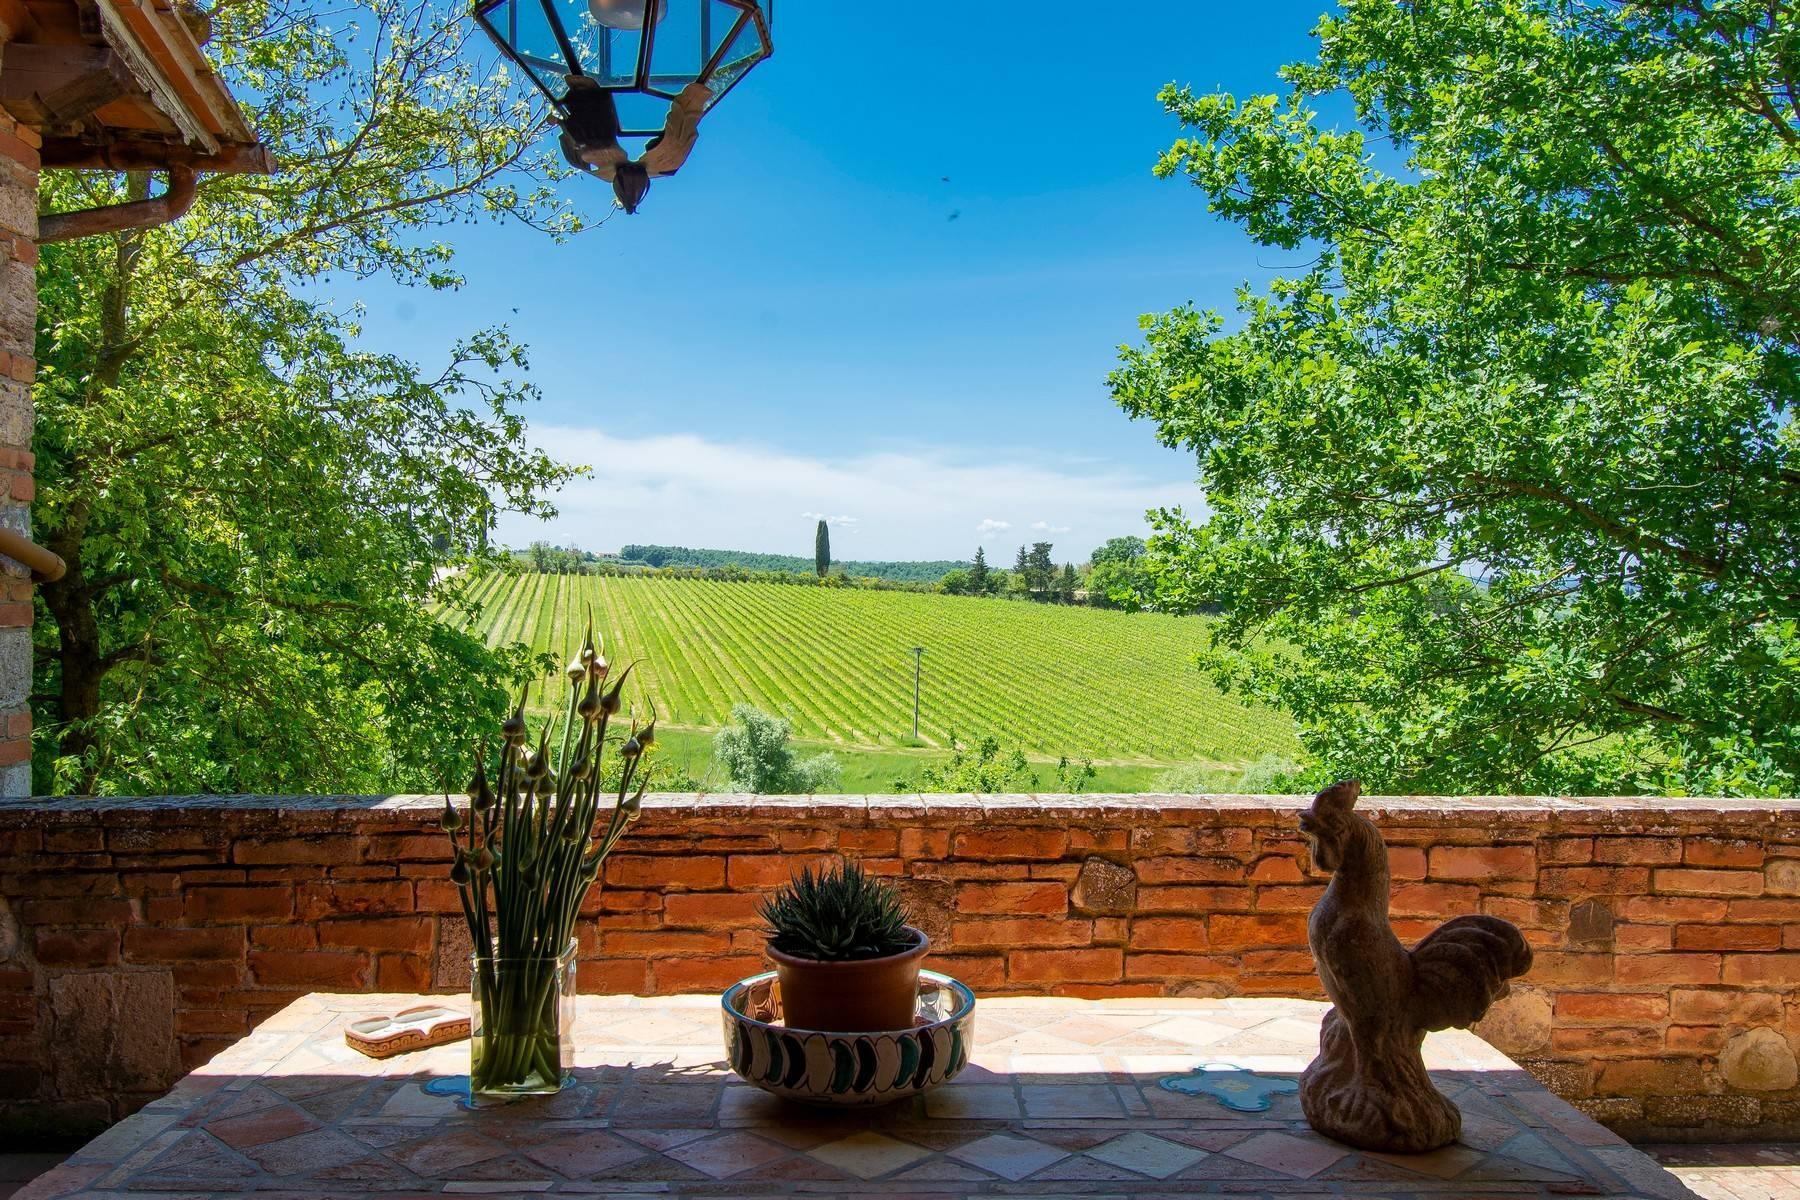 Esclusive wine estate in the heart of Chianti classico - 33